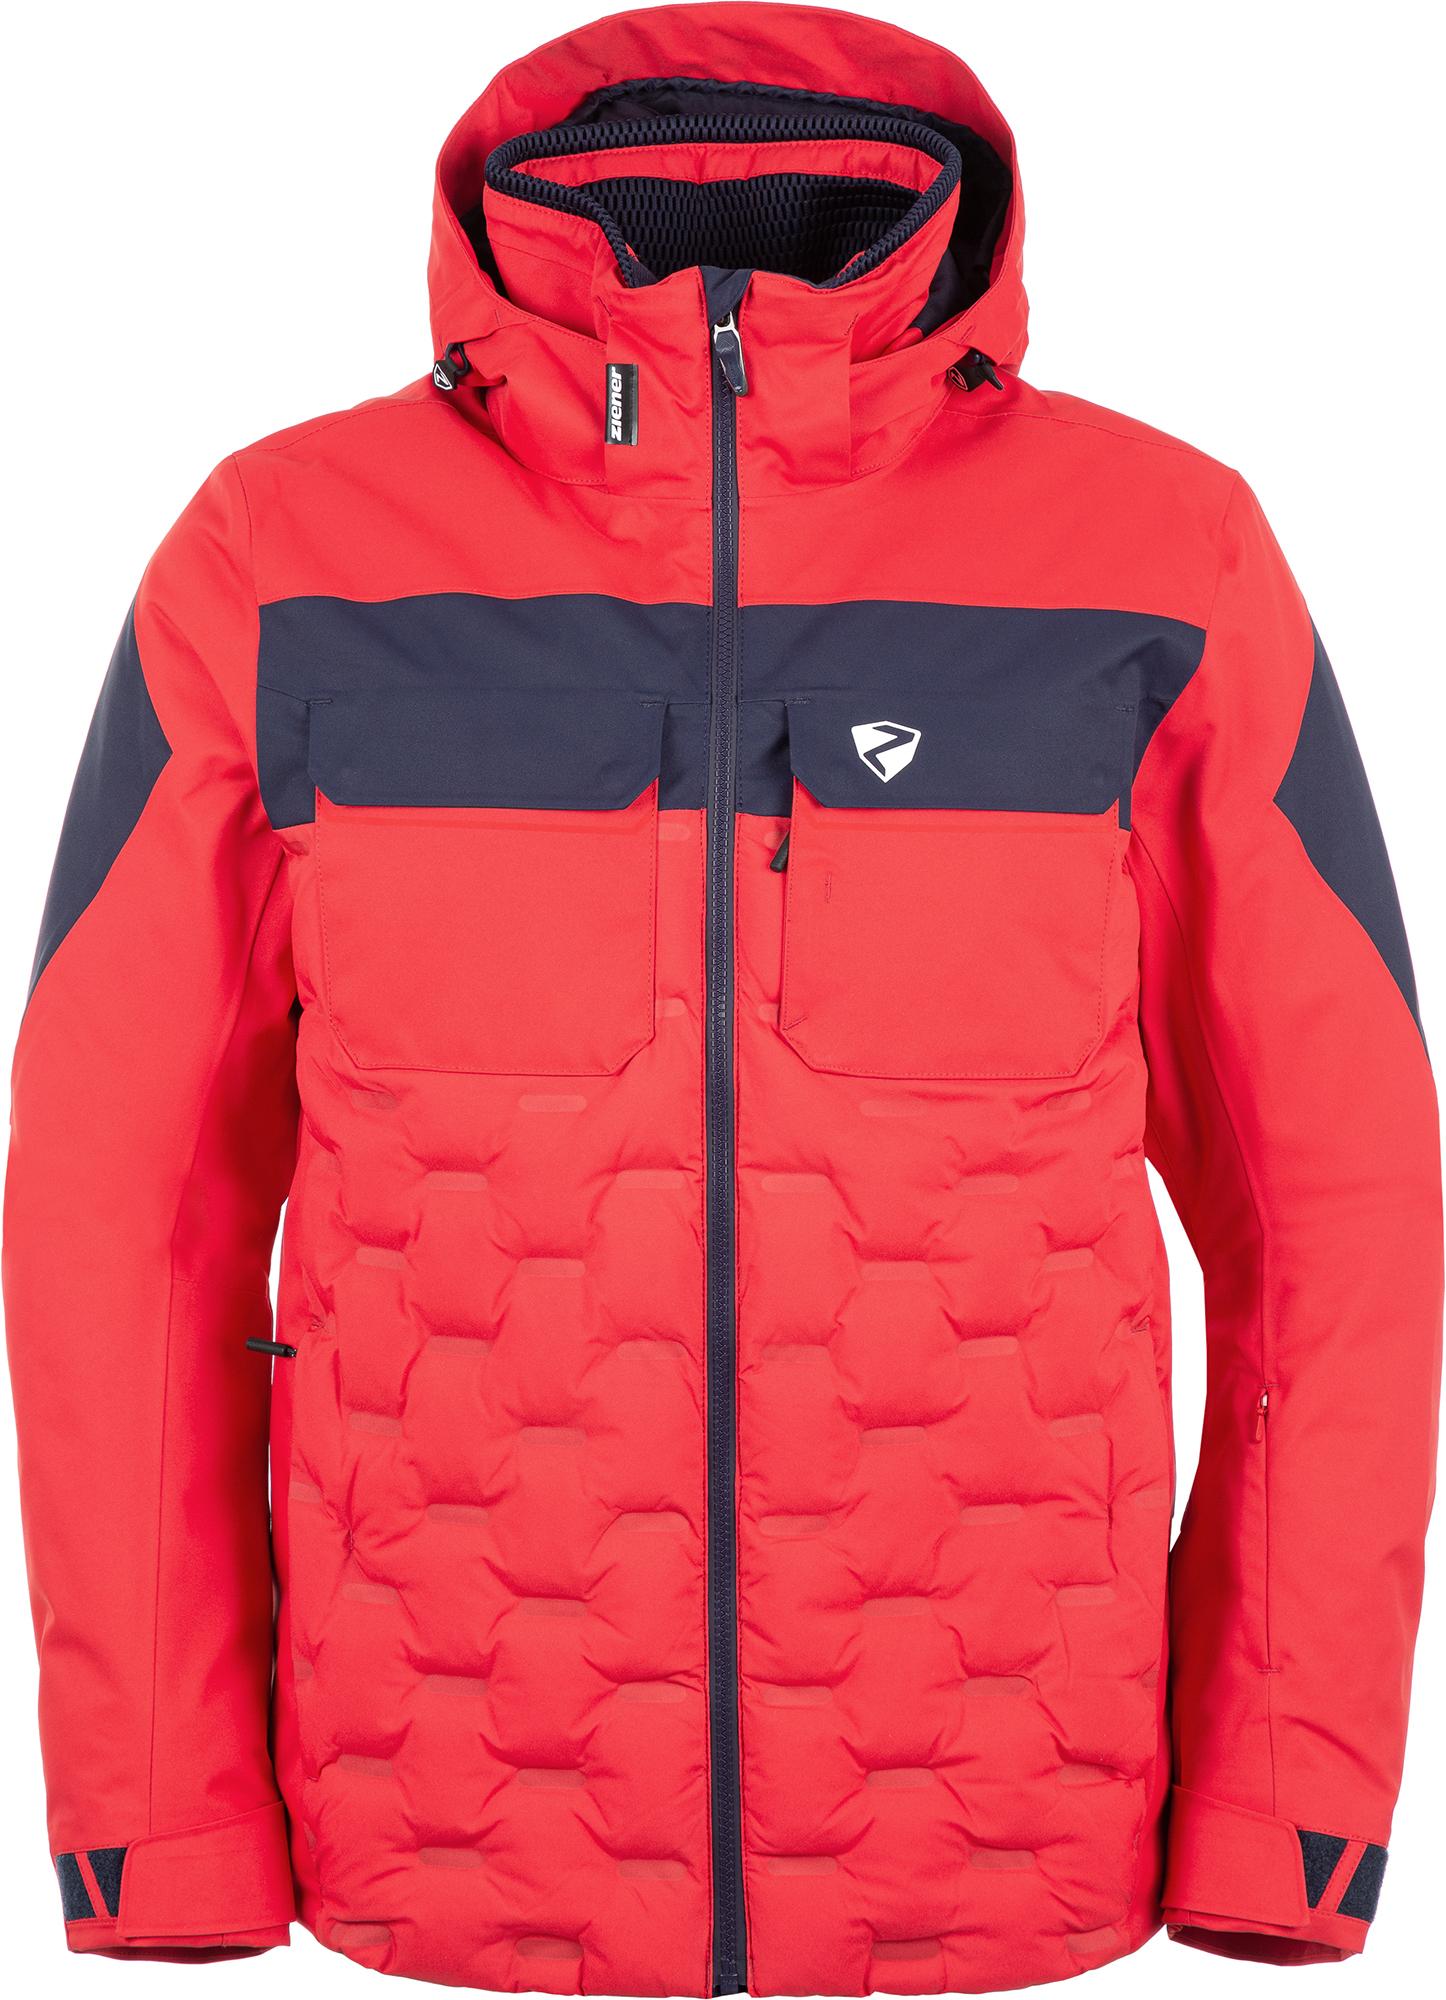 Ziener Куртка утепленная мужская Ziener Tucannon, размер 48